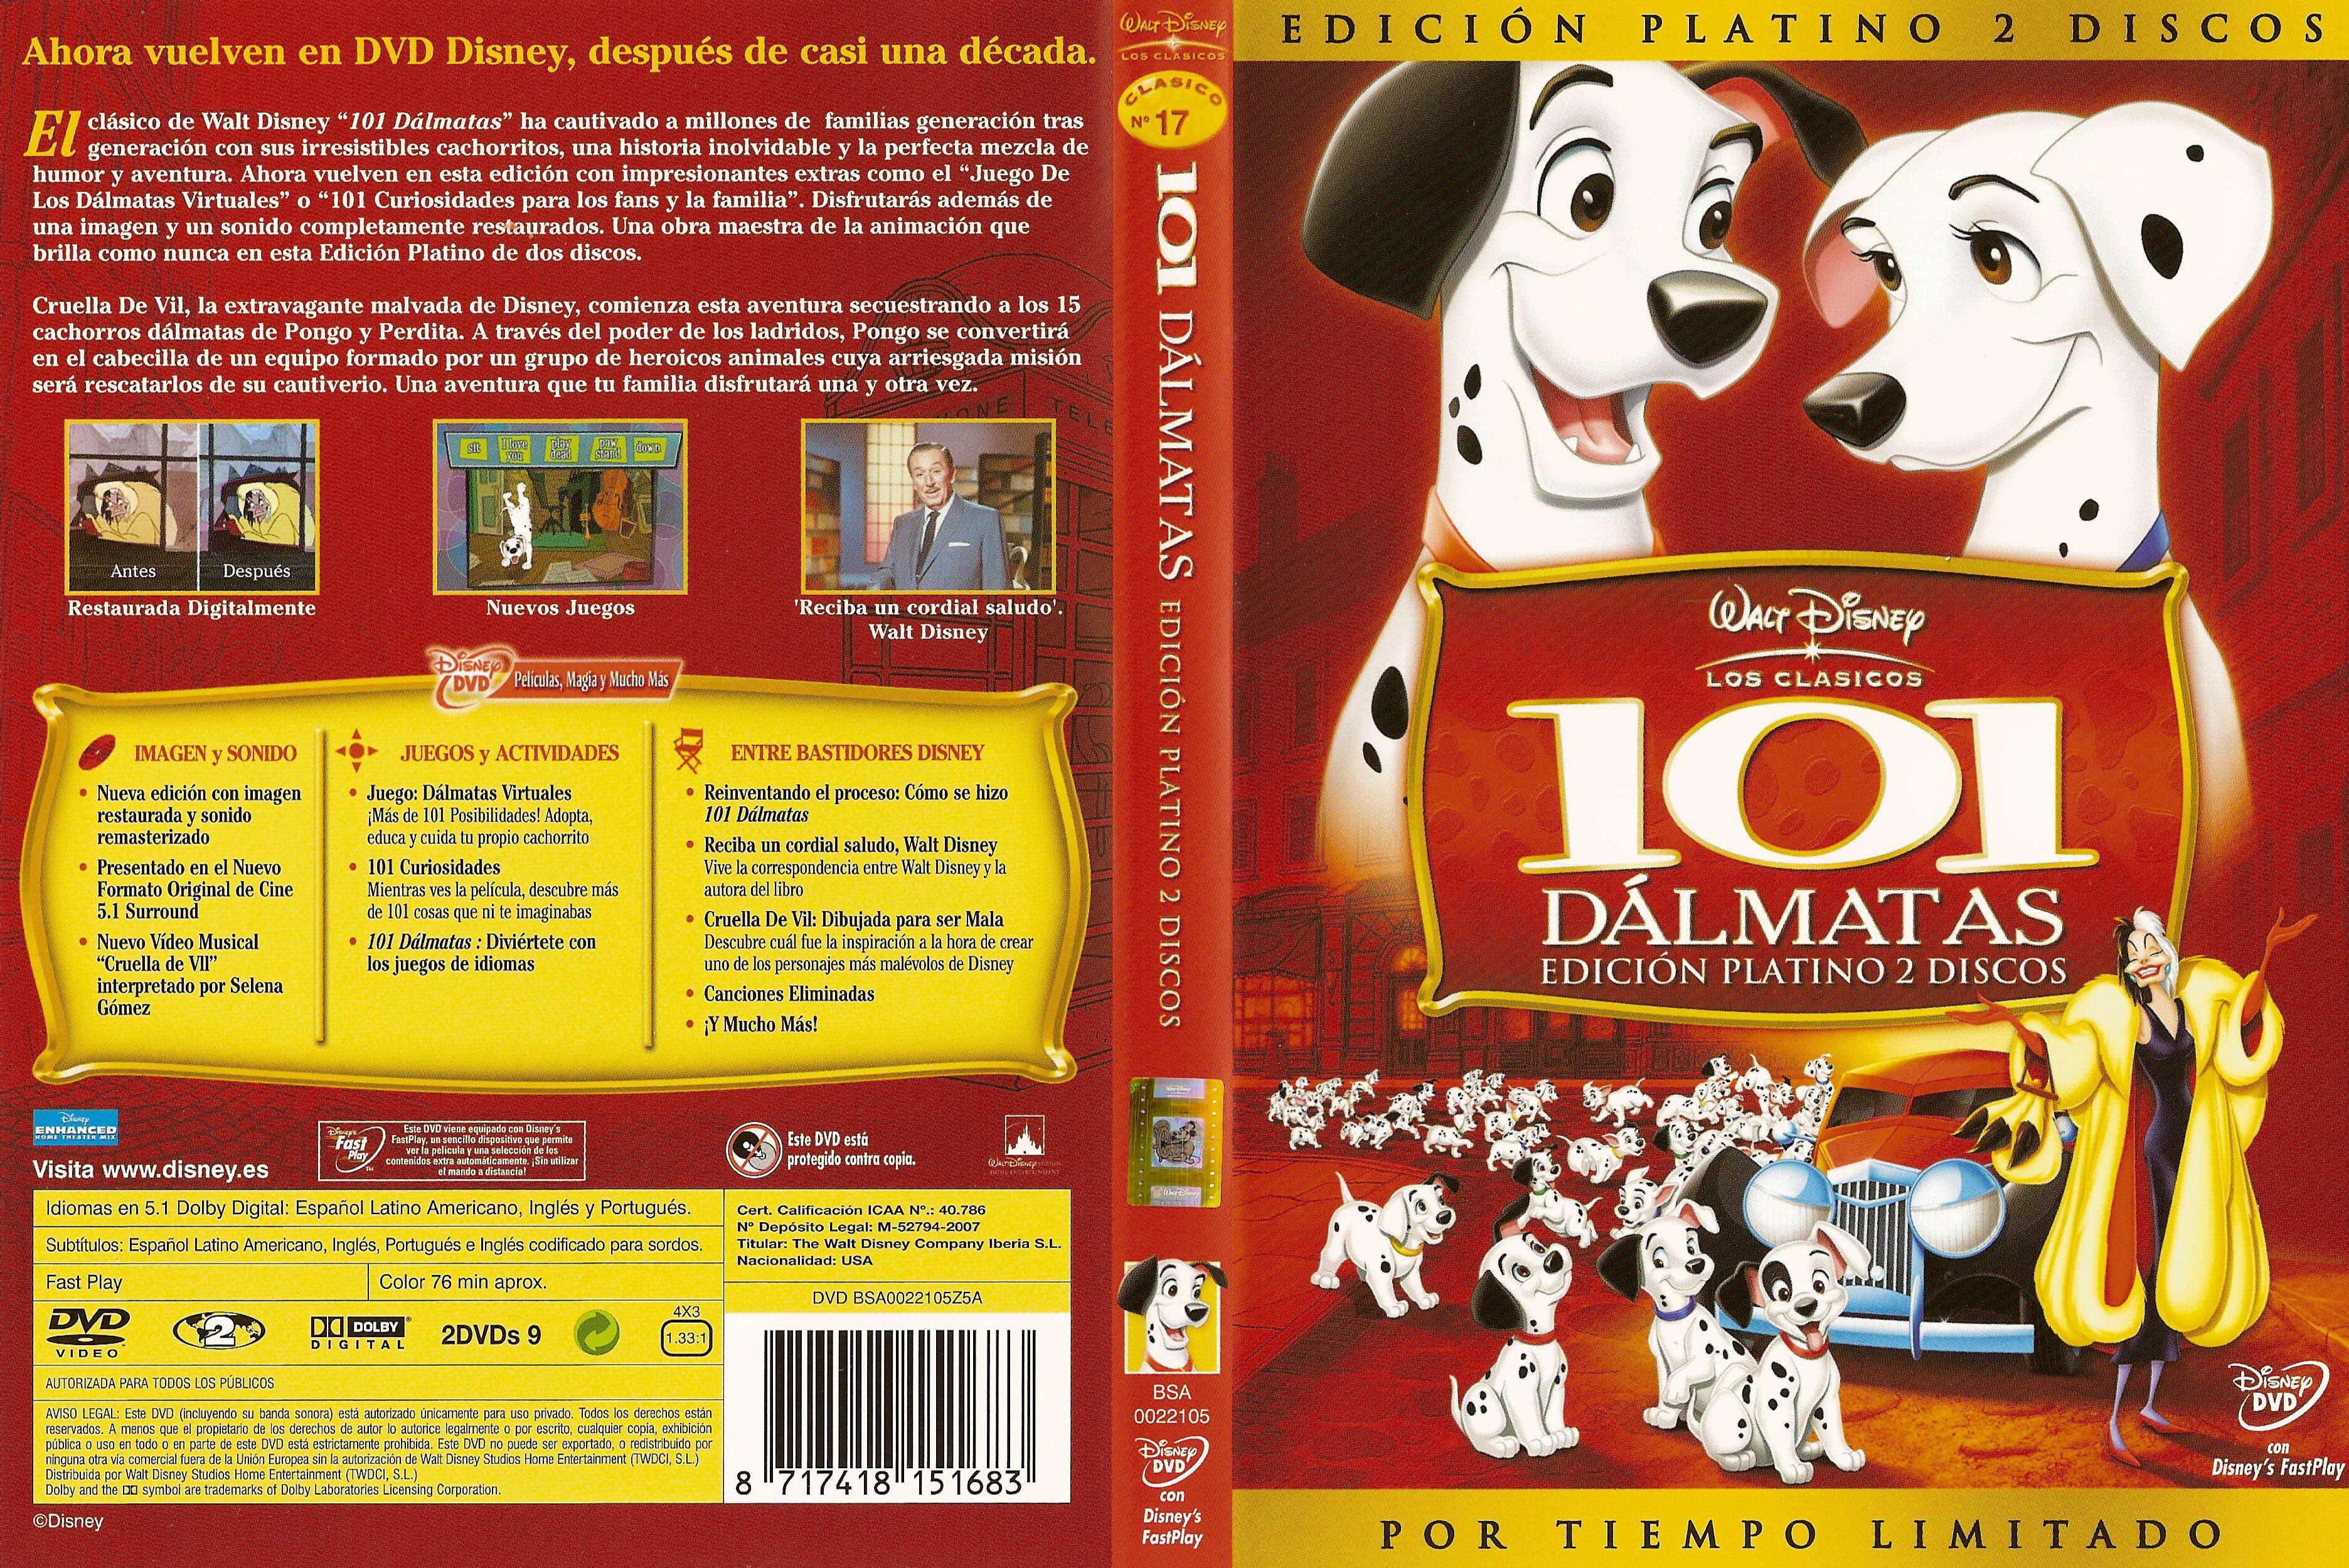 DVD - 101 Dálmatas - Clásico N° 17, Edición Platino